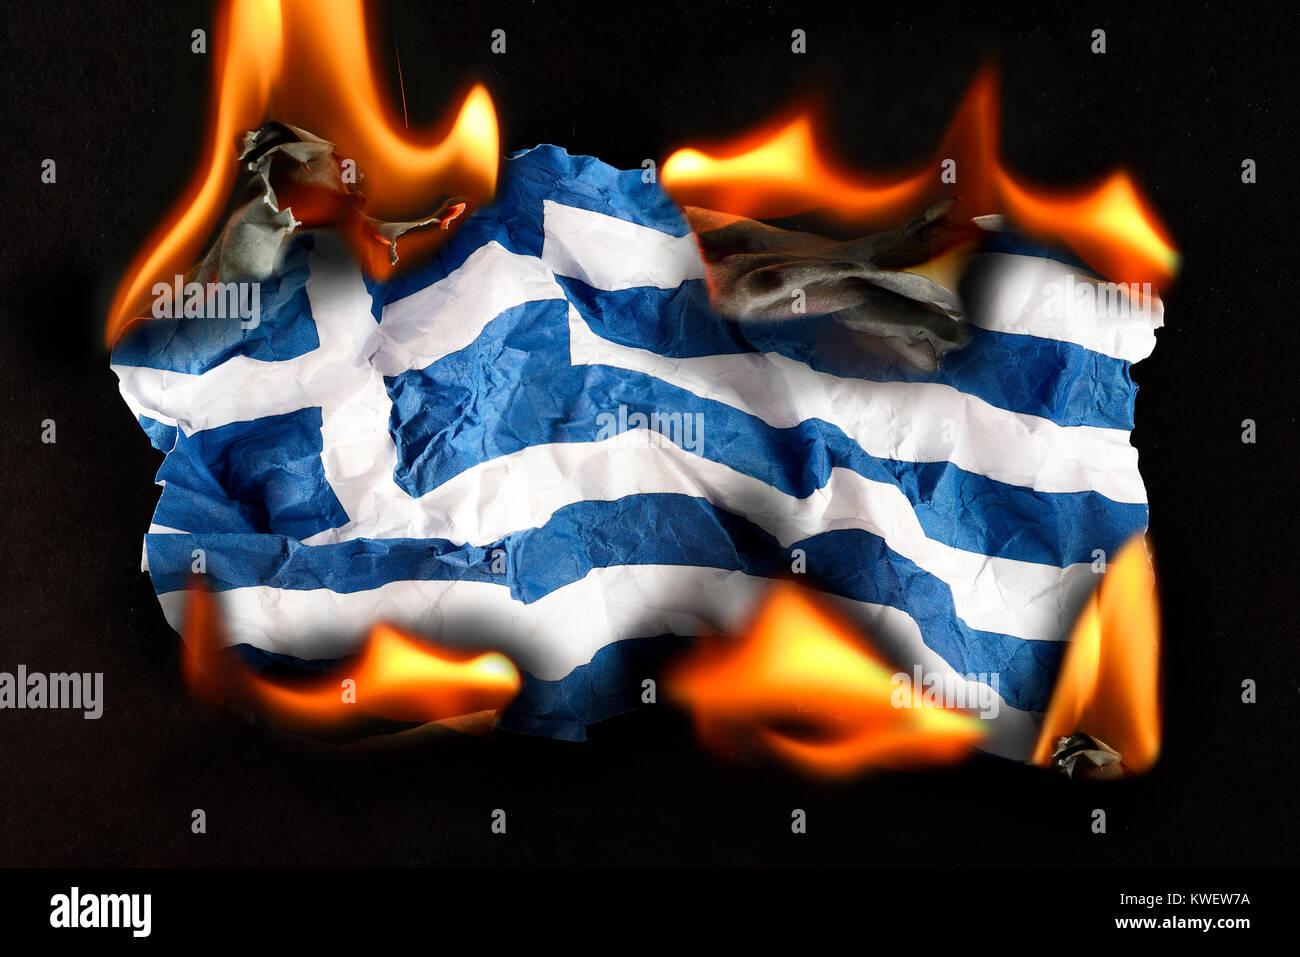 Greece flag in flames, symbolic photo debt quarrel, Griechenlandfahne in Flammen, Symbolfoto Schuldenstreit - Stock Image